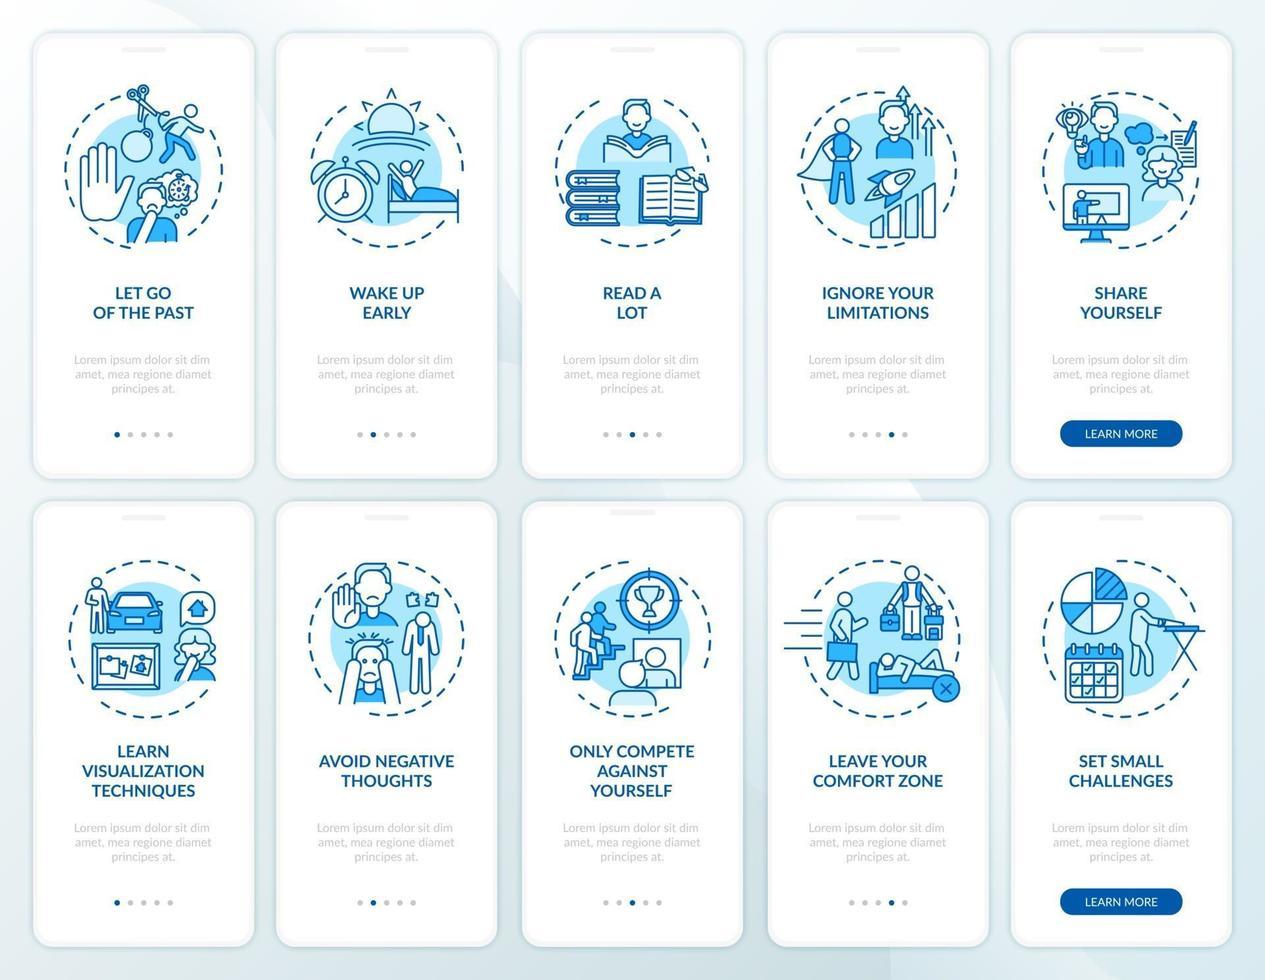 zelfontwikkeltips blauw onboarding mobiele app-paginascherm met concepten ingesteld vector